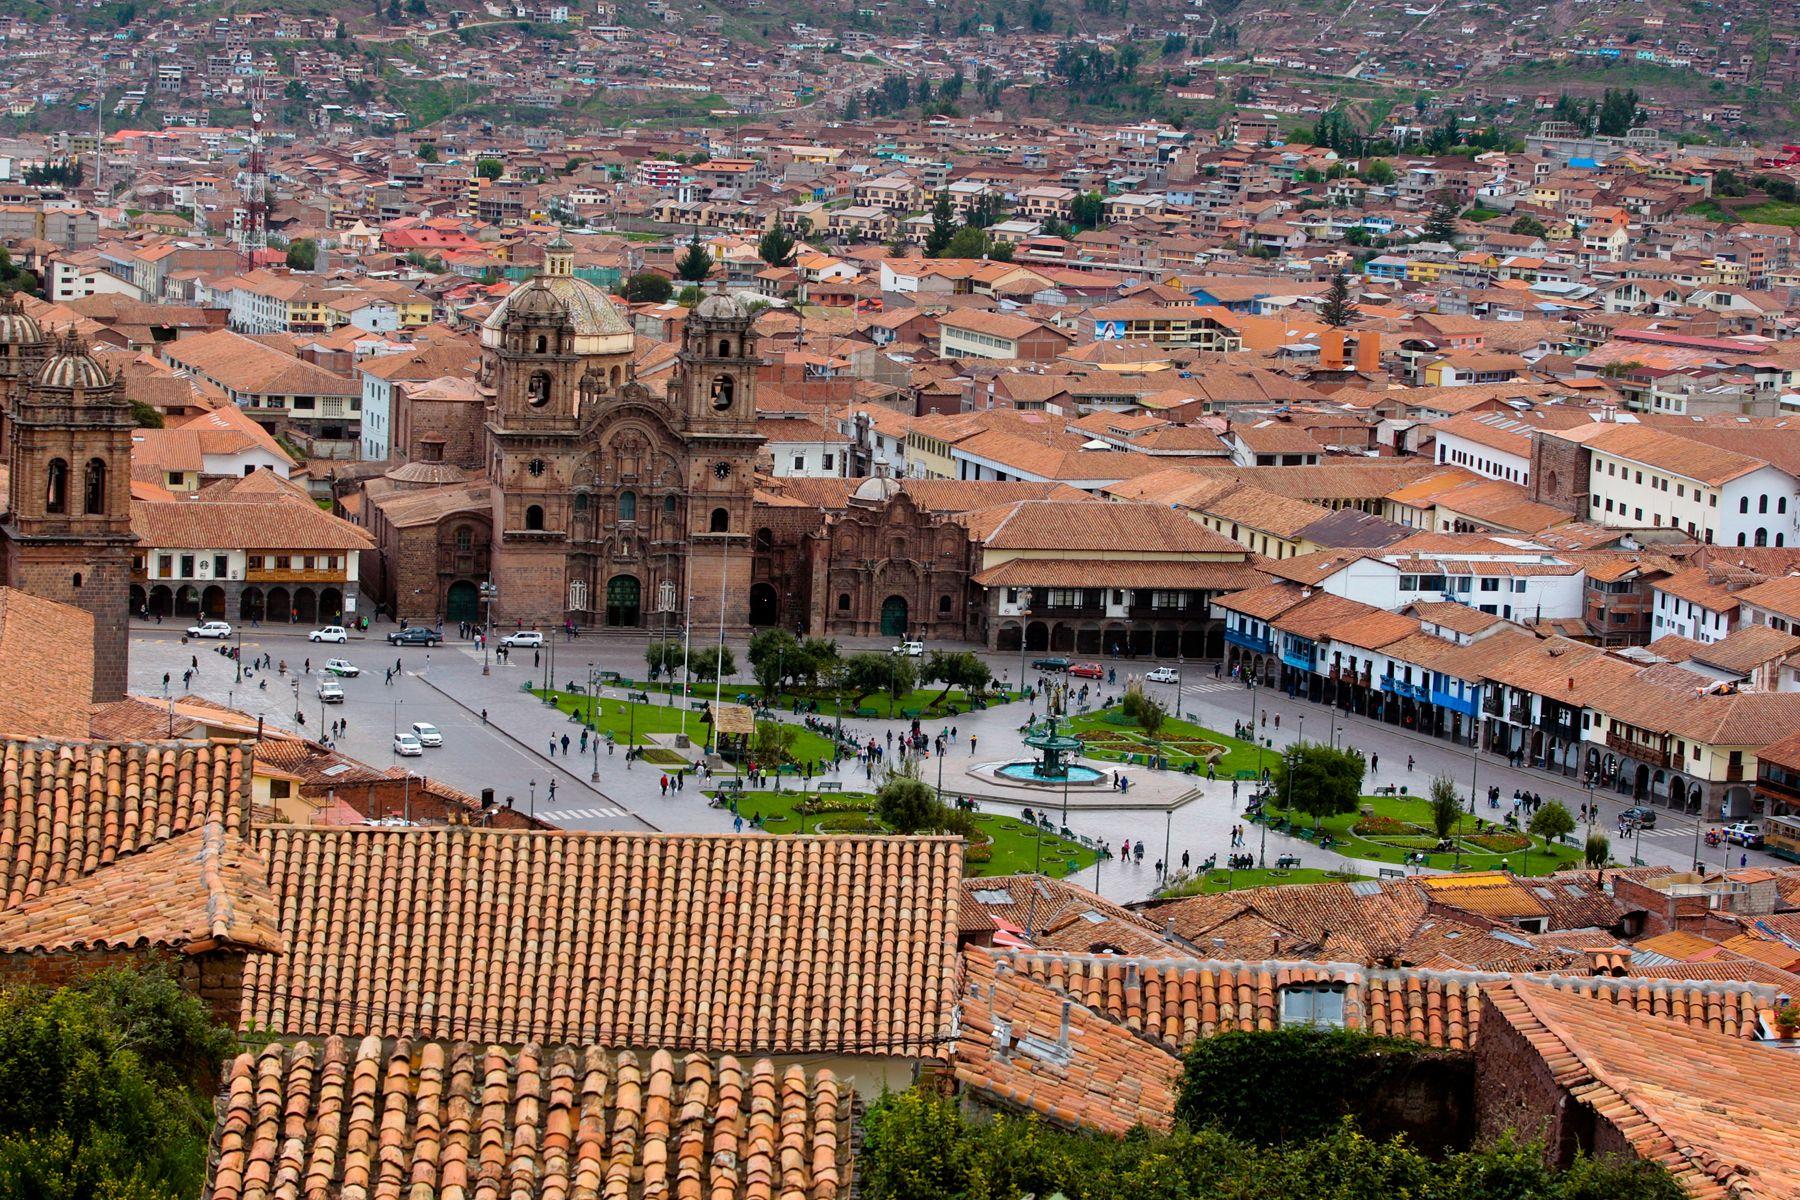 Incentivan a votar por el cusco en concurso siete ciudades for Ciudad santiago villas